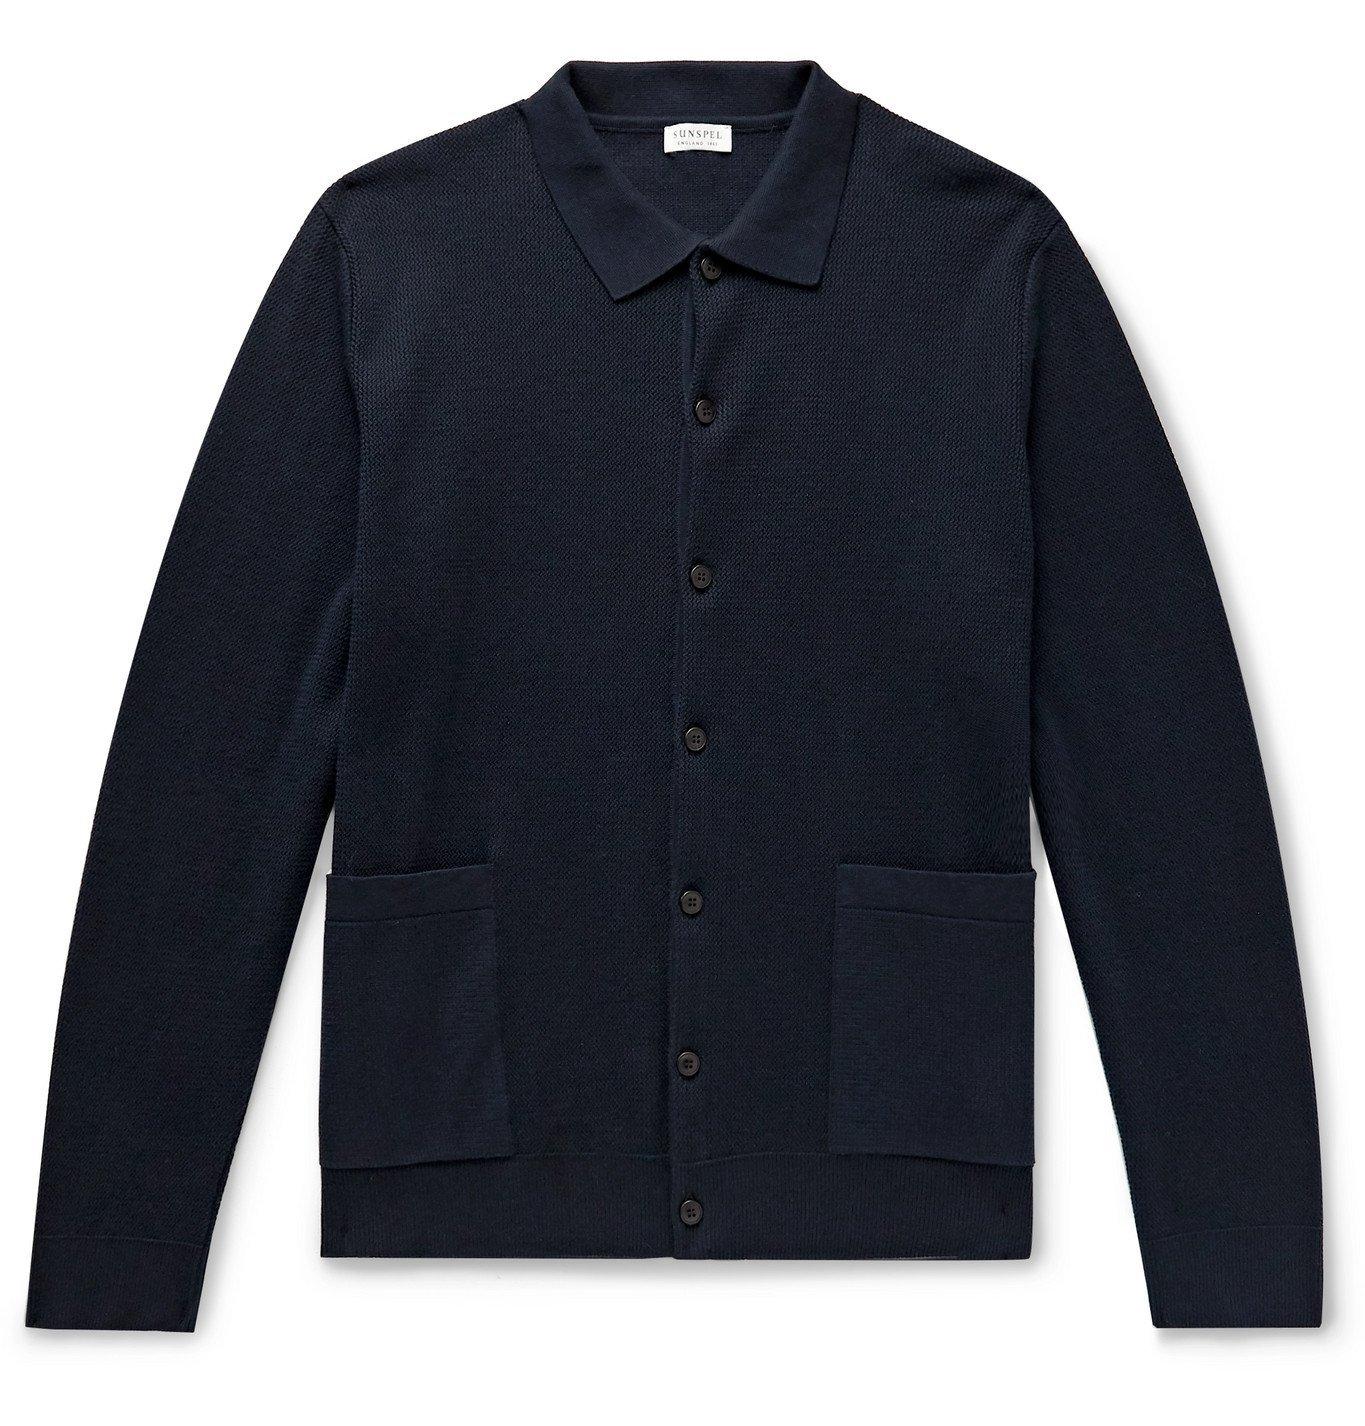 Sunspel - Cotton Cardigan - Blue